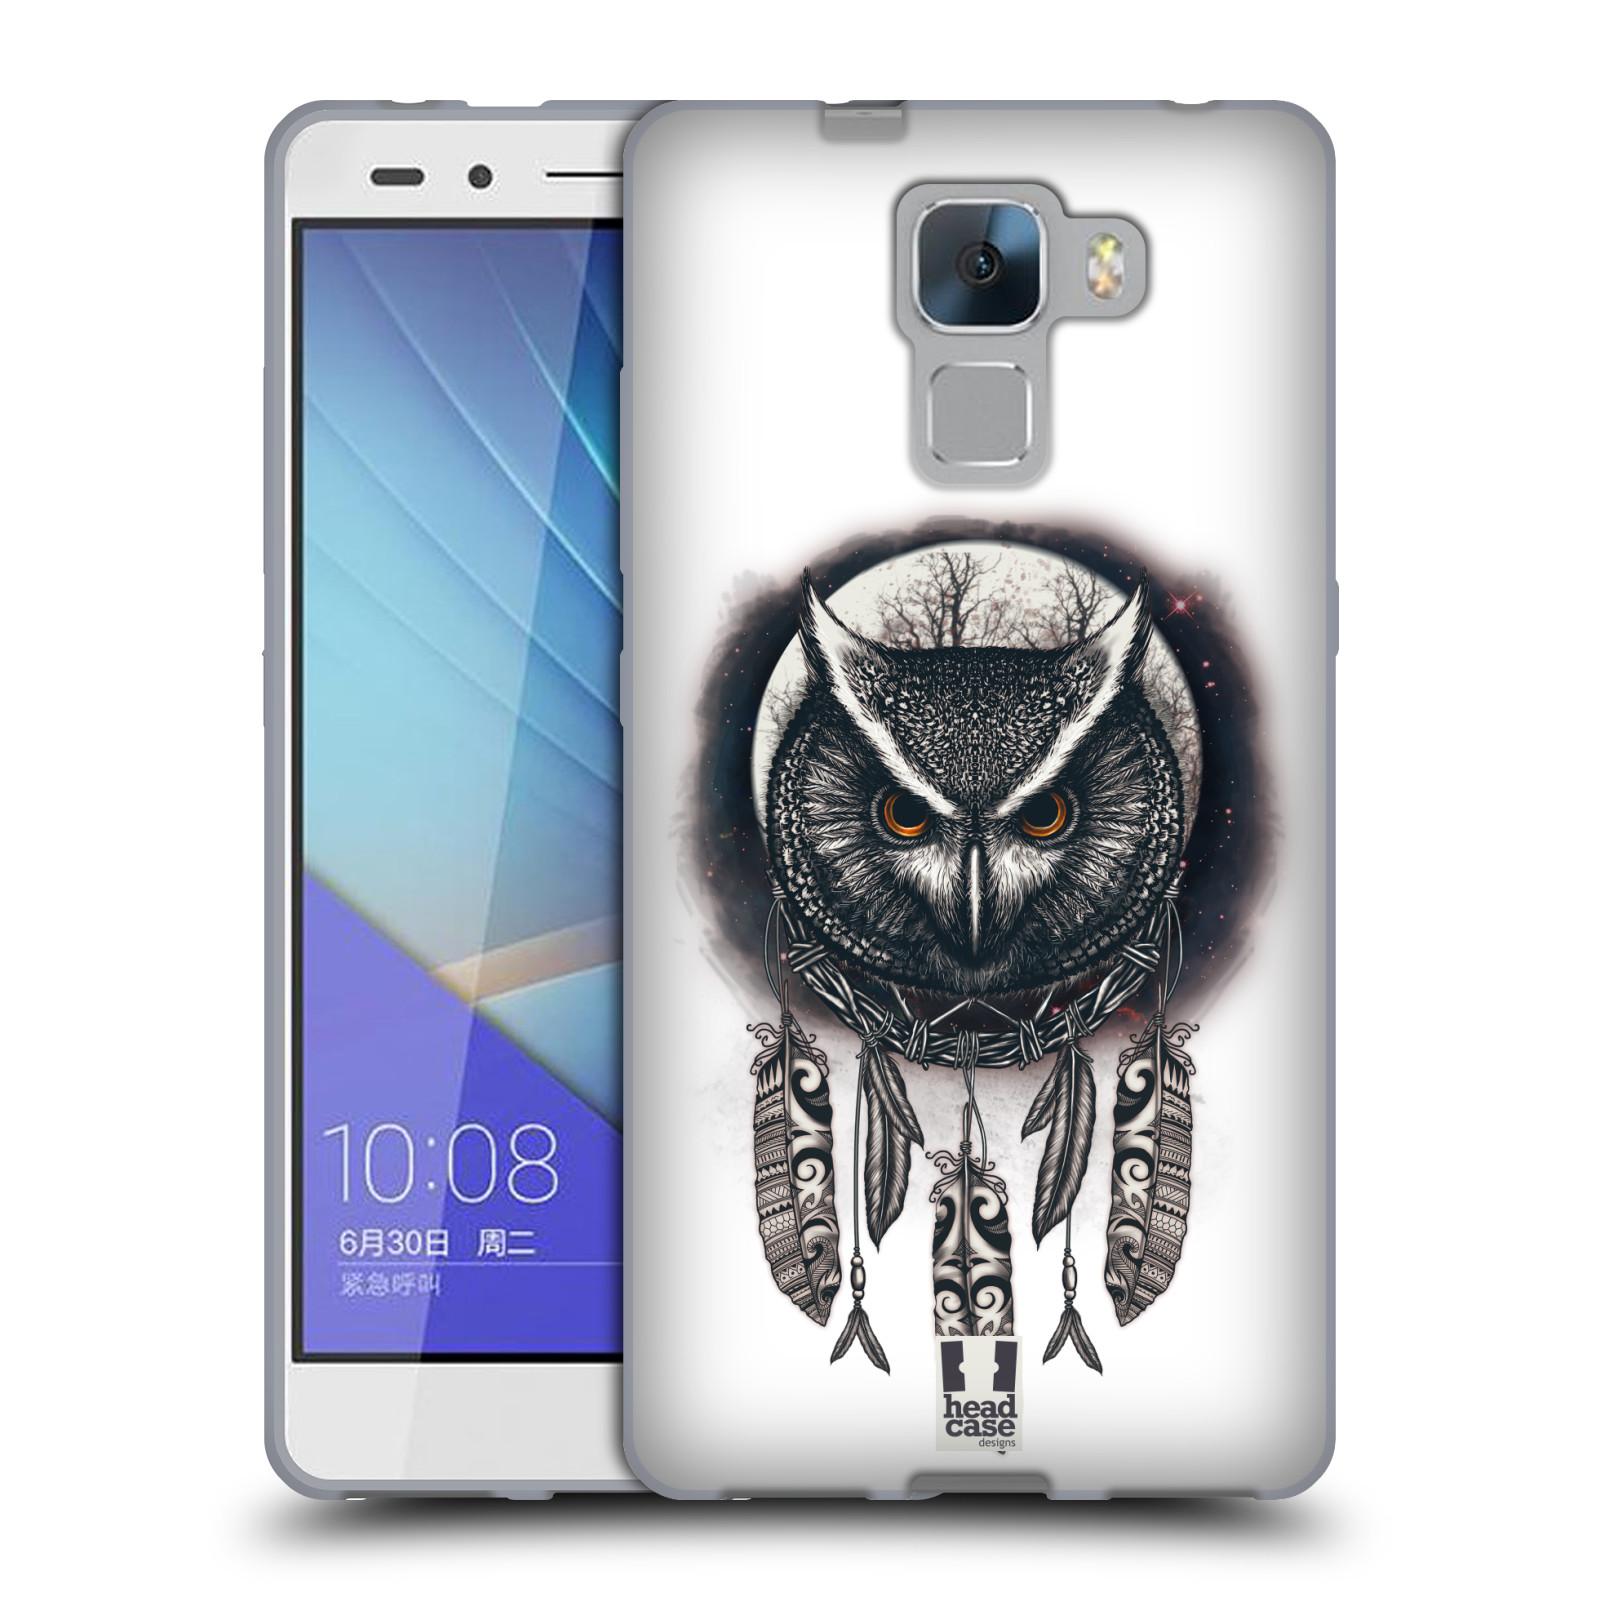 Silikonové pouzdro na mobil Honor 7 - Head Case - Soví lapač